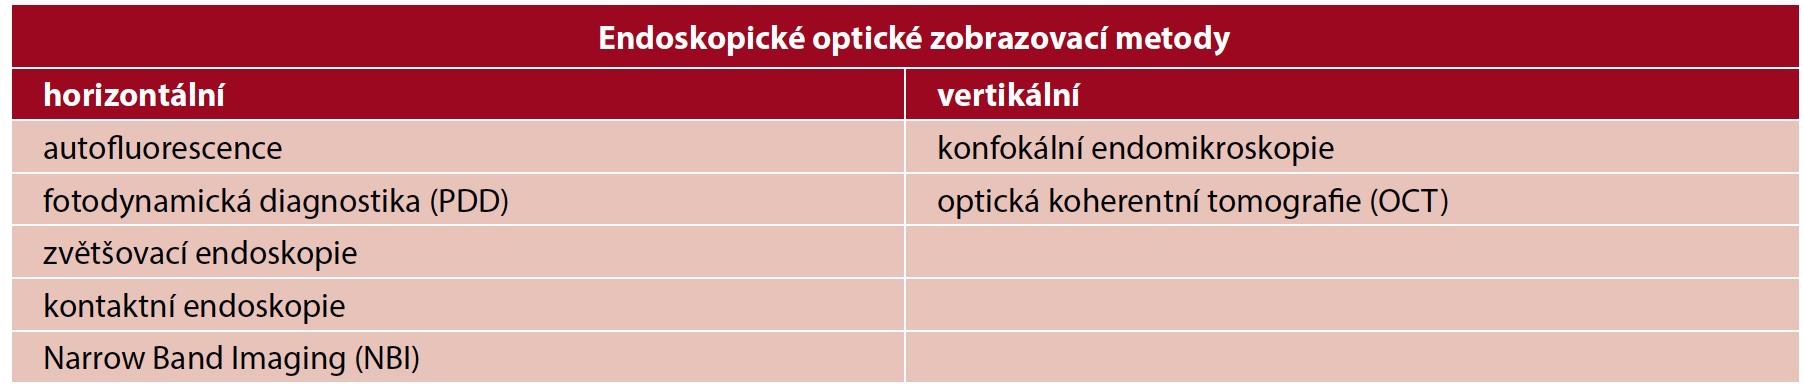 Rozdělení optických endoskopických zobrazovacích metod